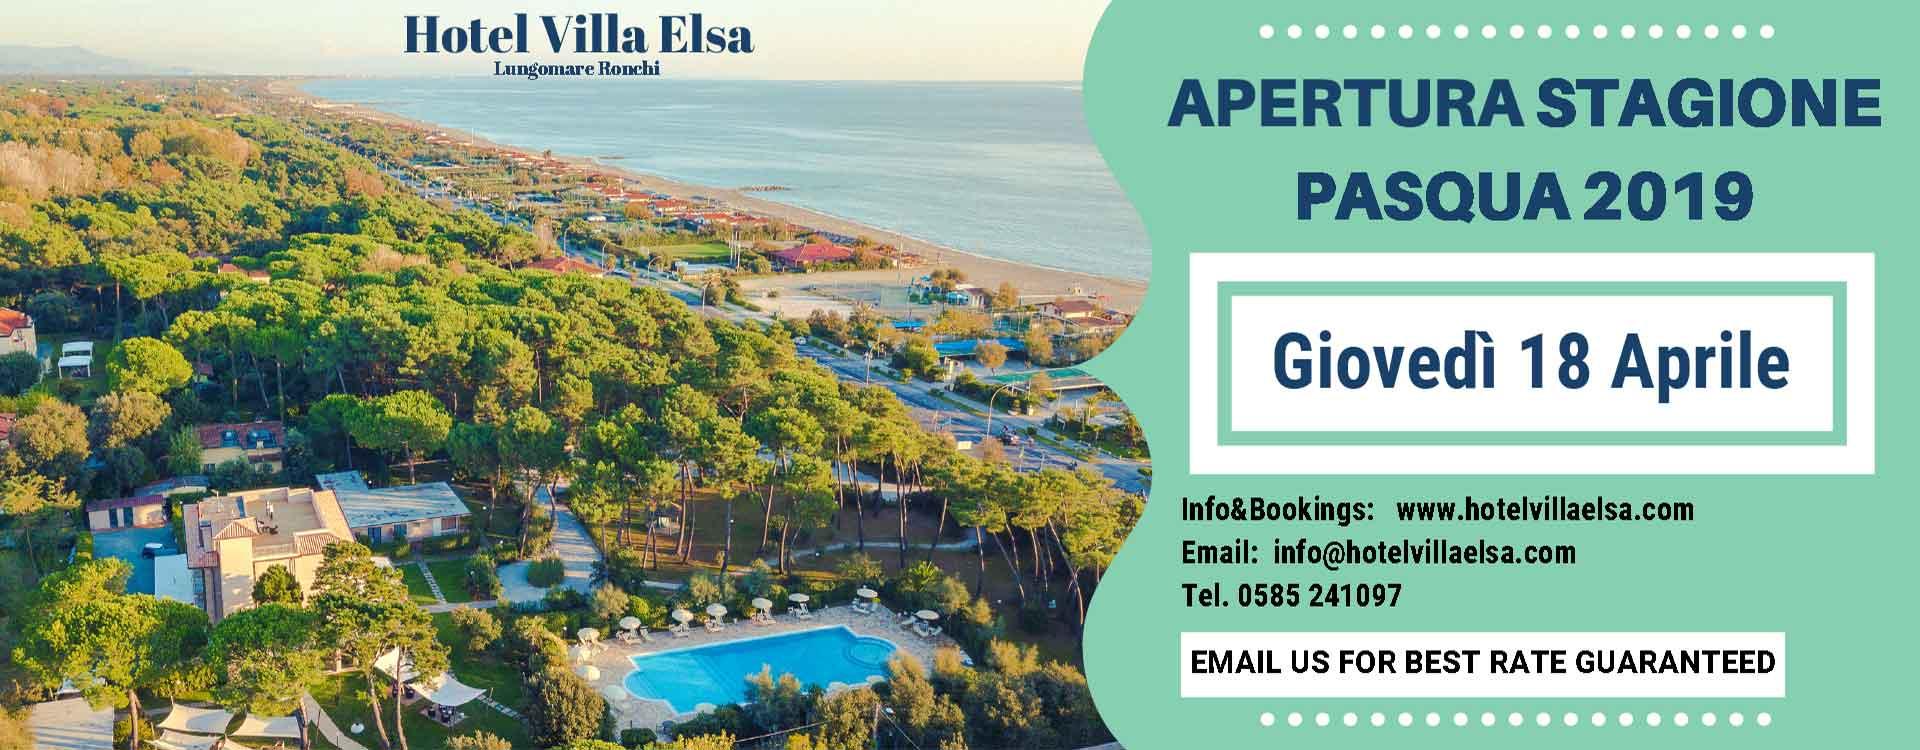 Apertura Pasqua 2019 Hotel Villa Elsa a Marina di Massa